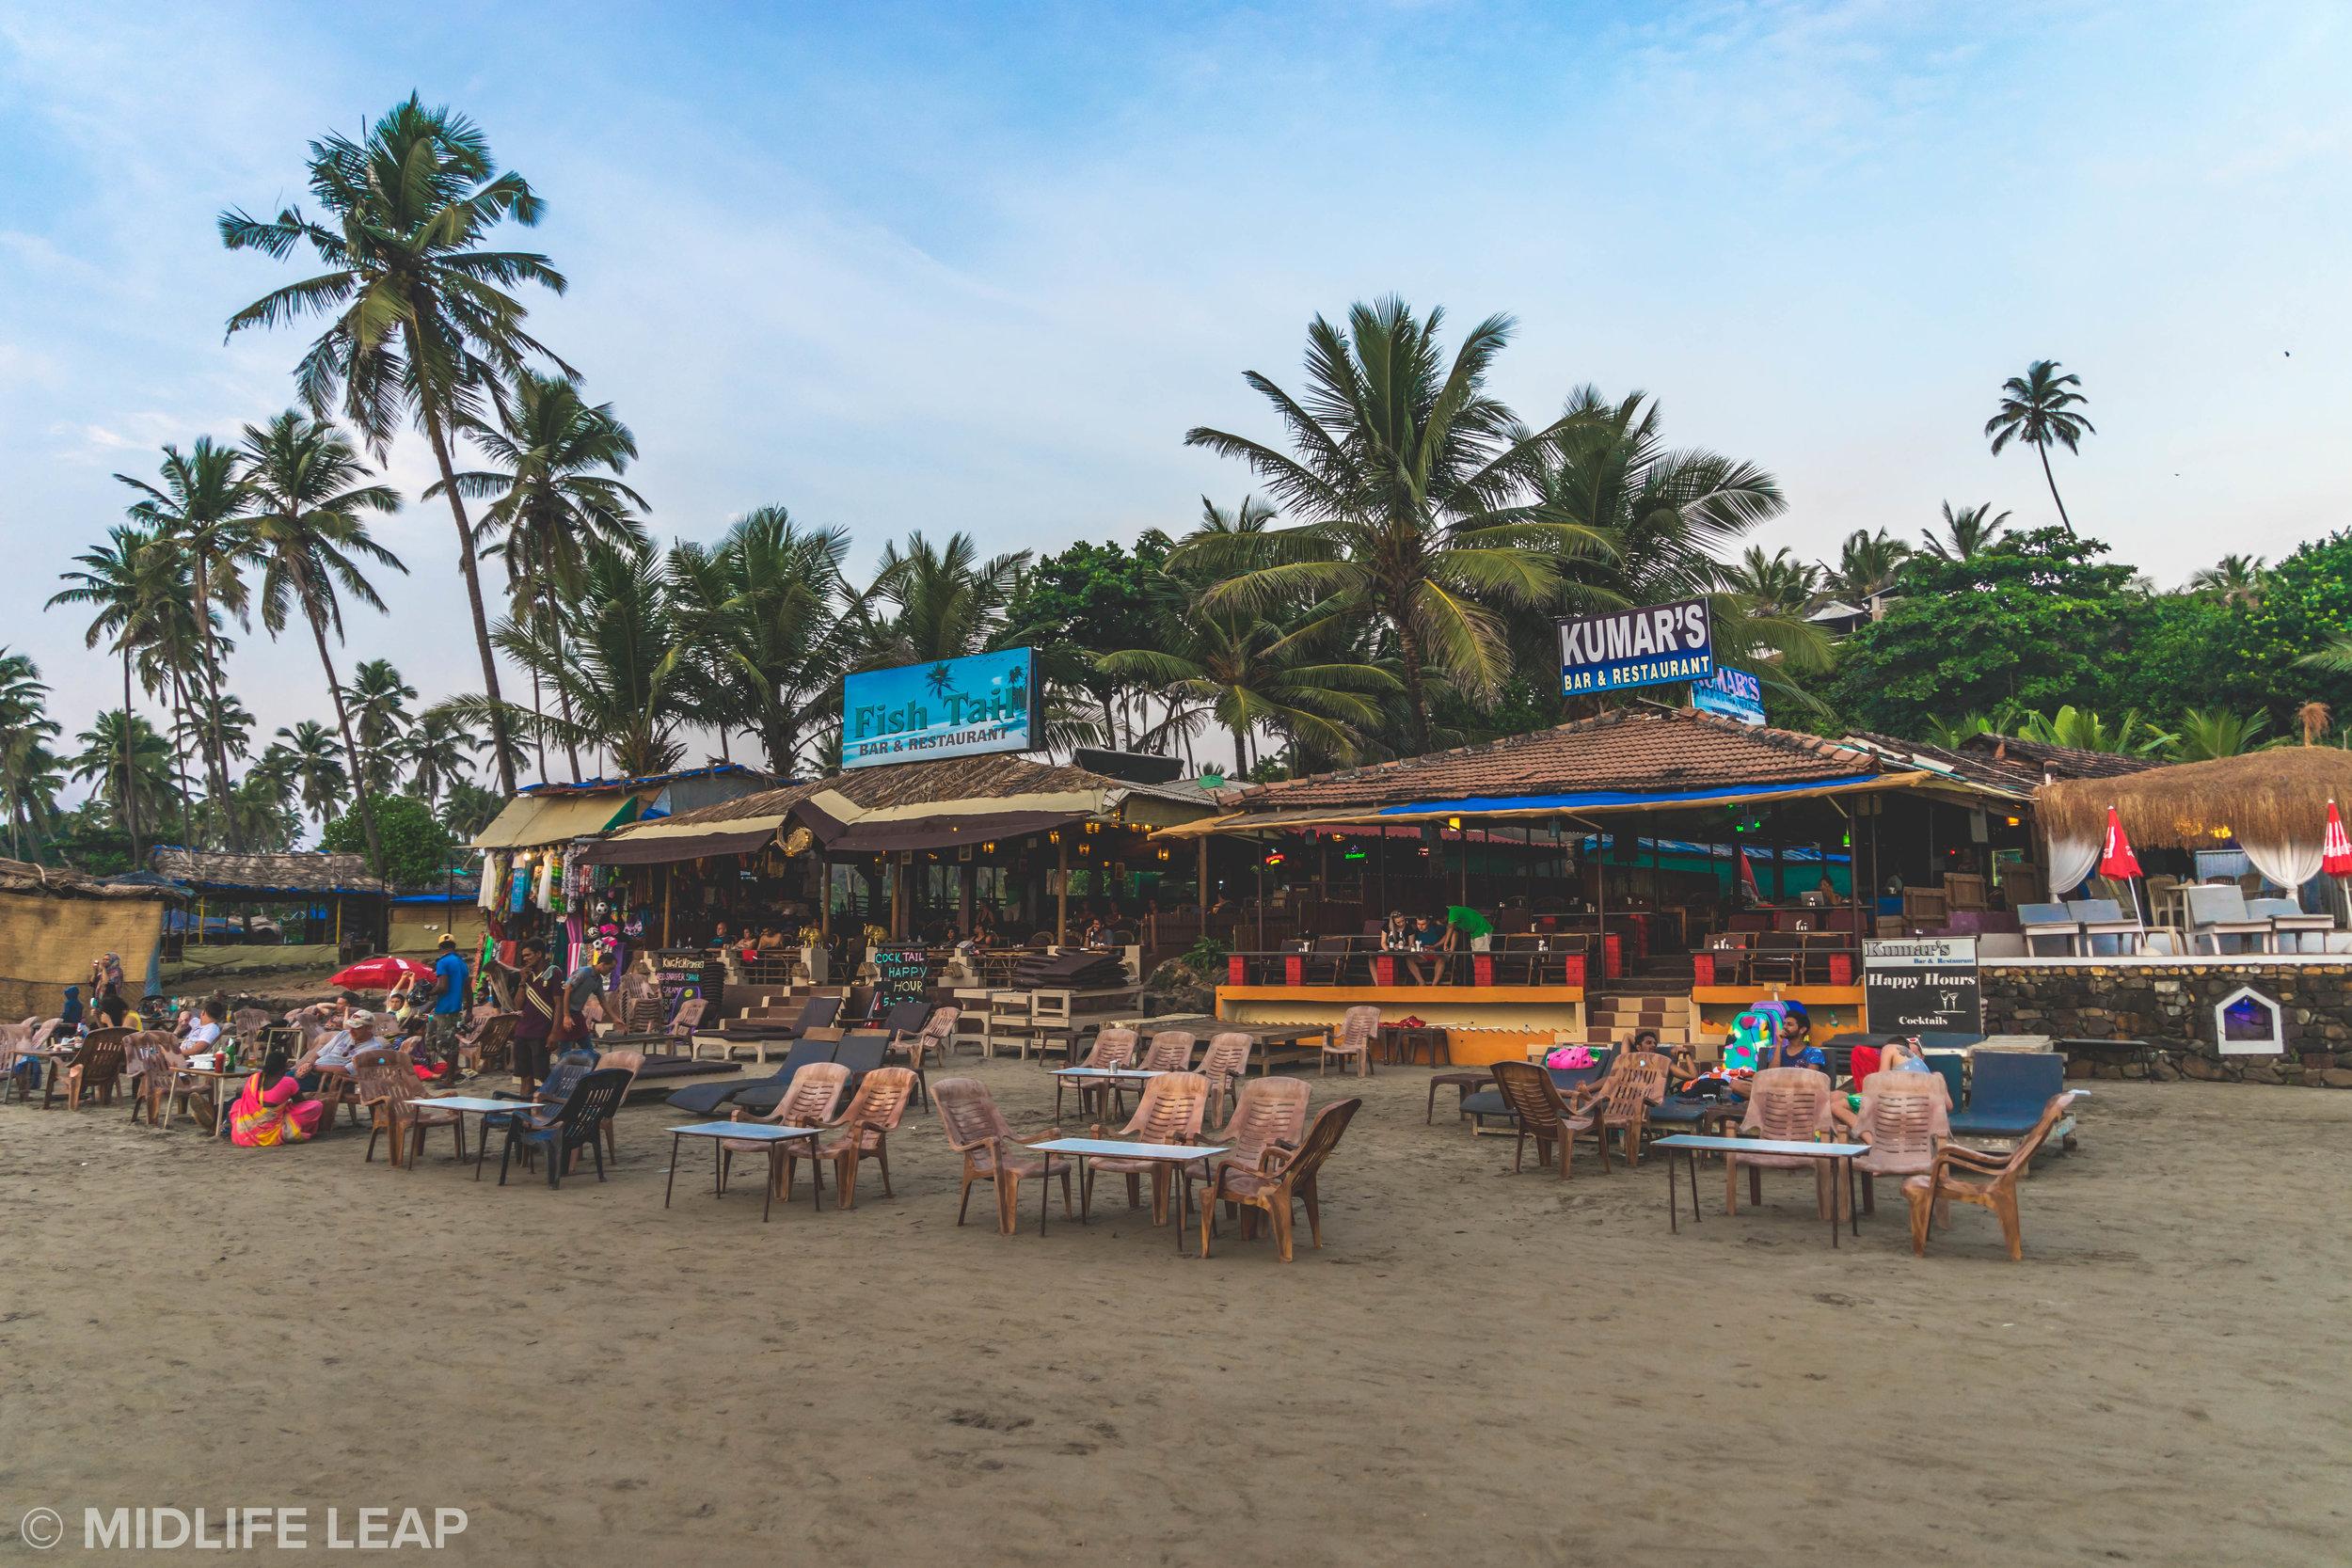 Kumar's! Best spot for dinner, drinks, and sunsets!